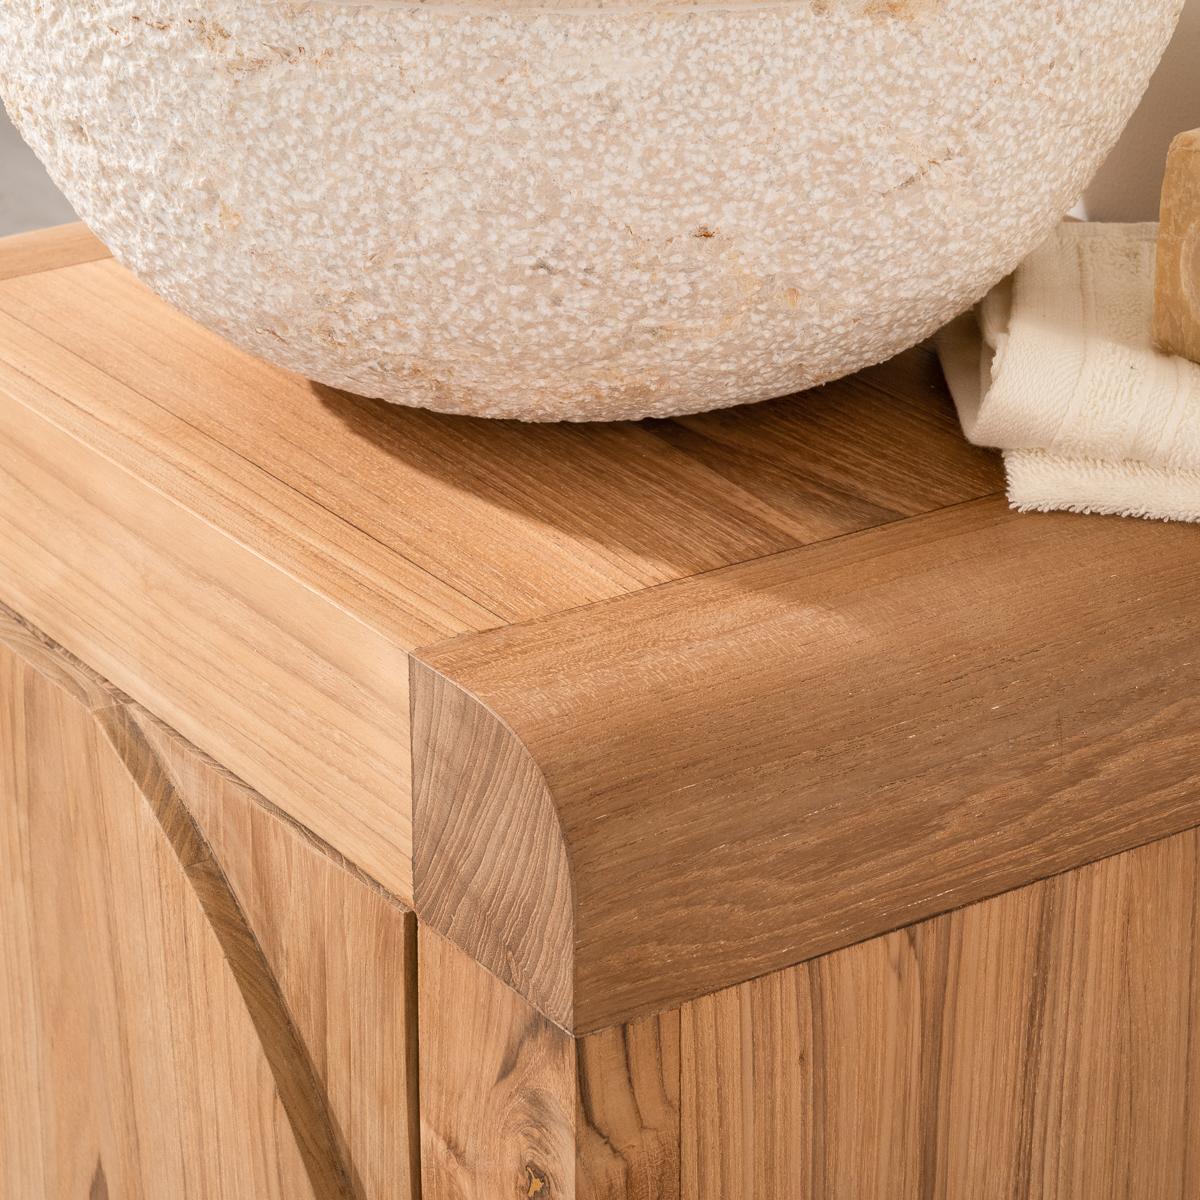 Meuble sous vasque simple vasque en bois teck massif - Petit meuble mural salle de bain ...